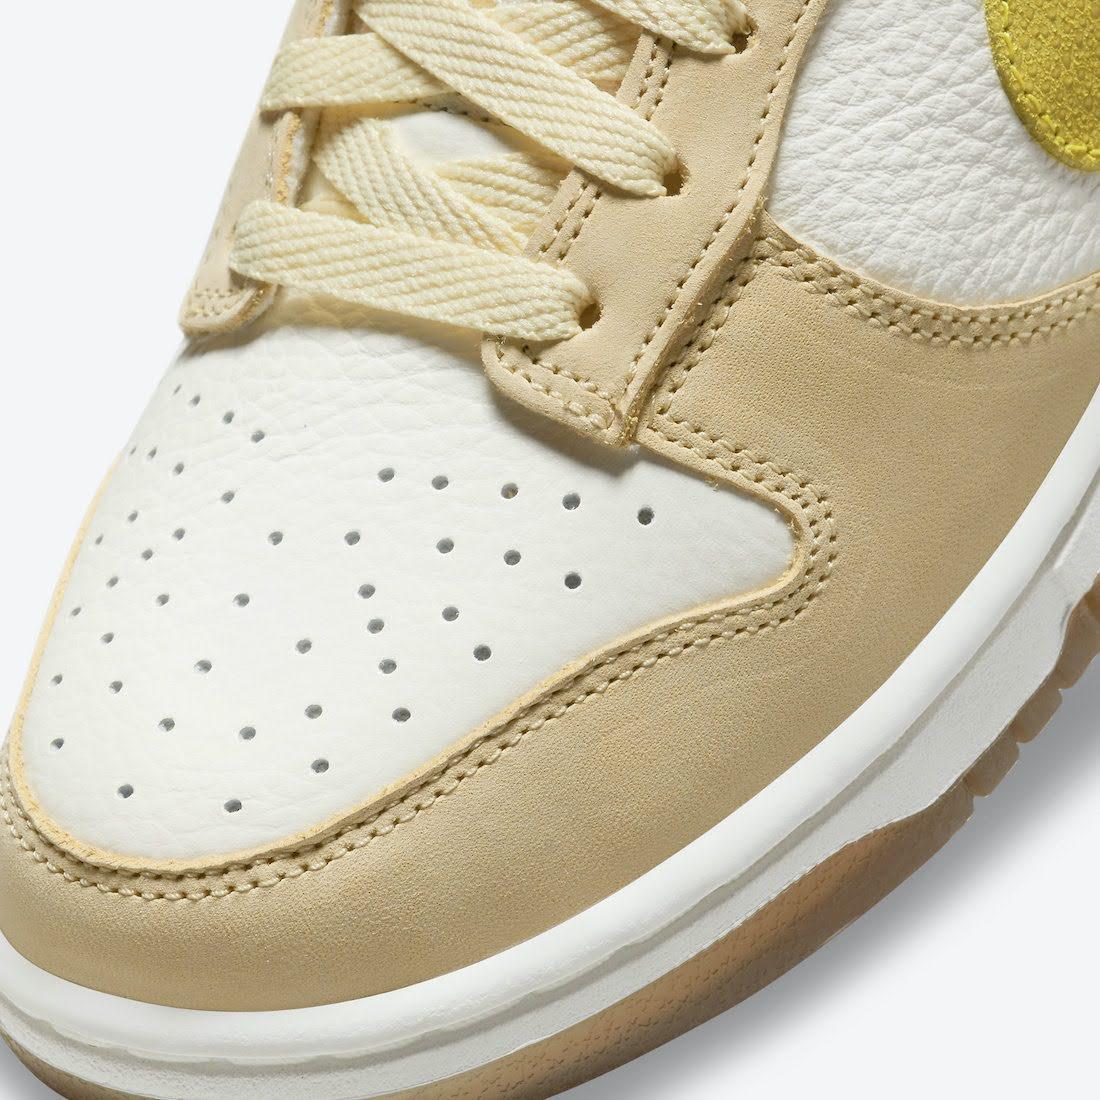 """ナイキ ウィメンズ ダンク ロー """"レモン ドロップ"""" Nike-Dunk-Low-Lemon-Drop-DJ6902-700-toe"""